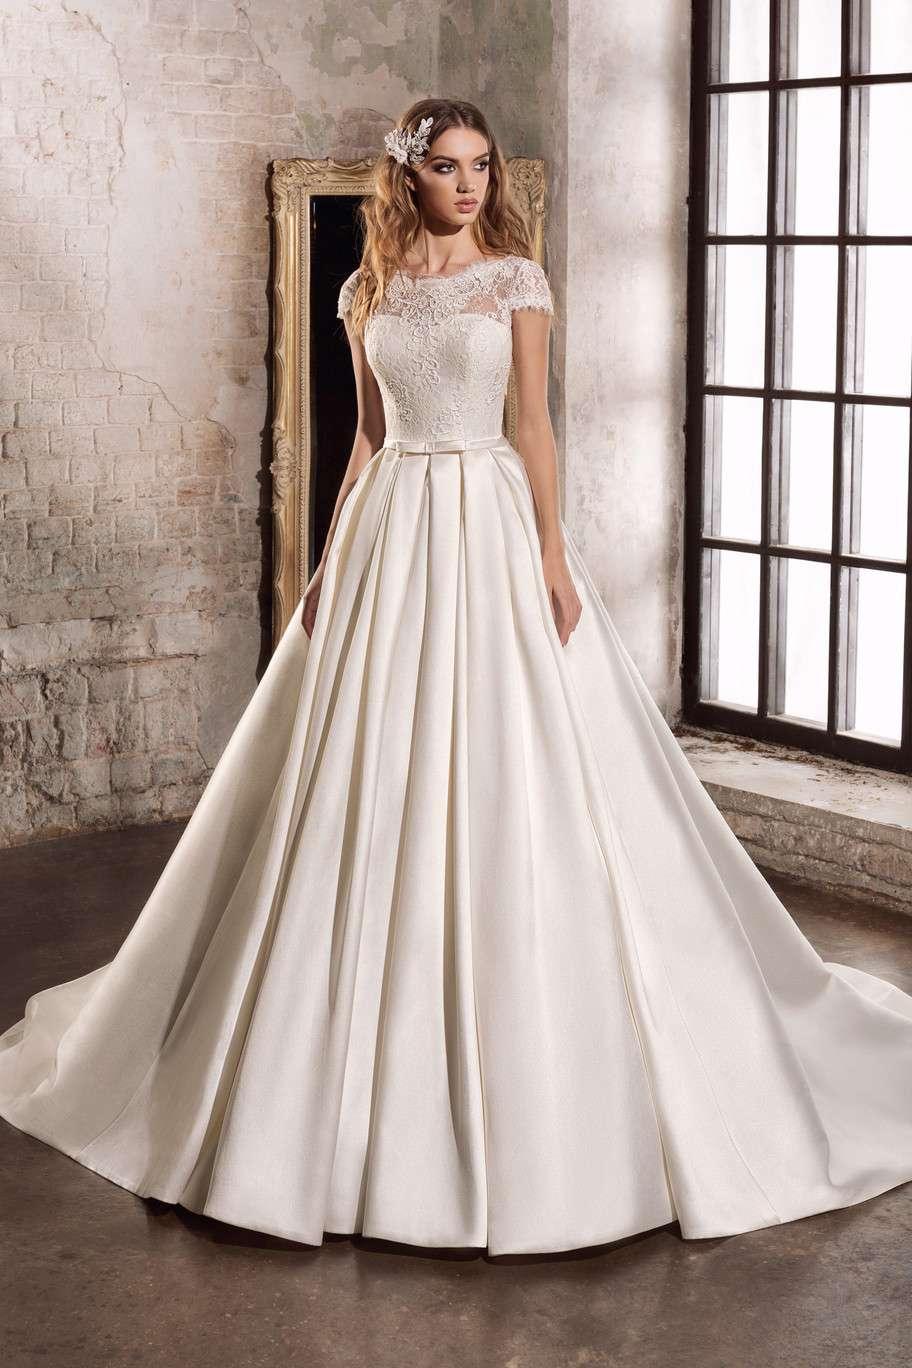 e2ceb92b84c Всегда мечтала о красивом пышном платье. И пока не намерена менять свое  мнение. По ткани нравятся атлас